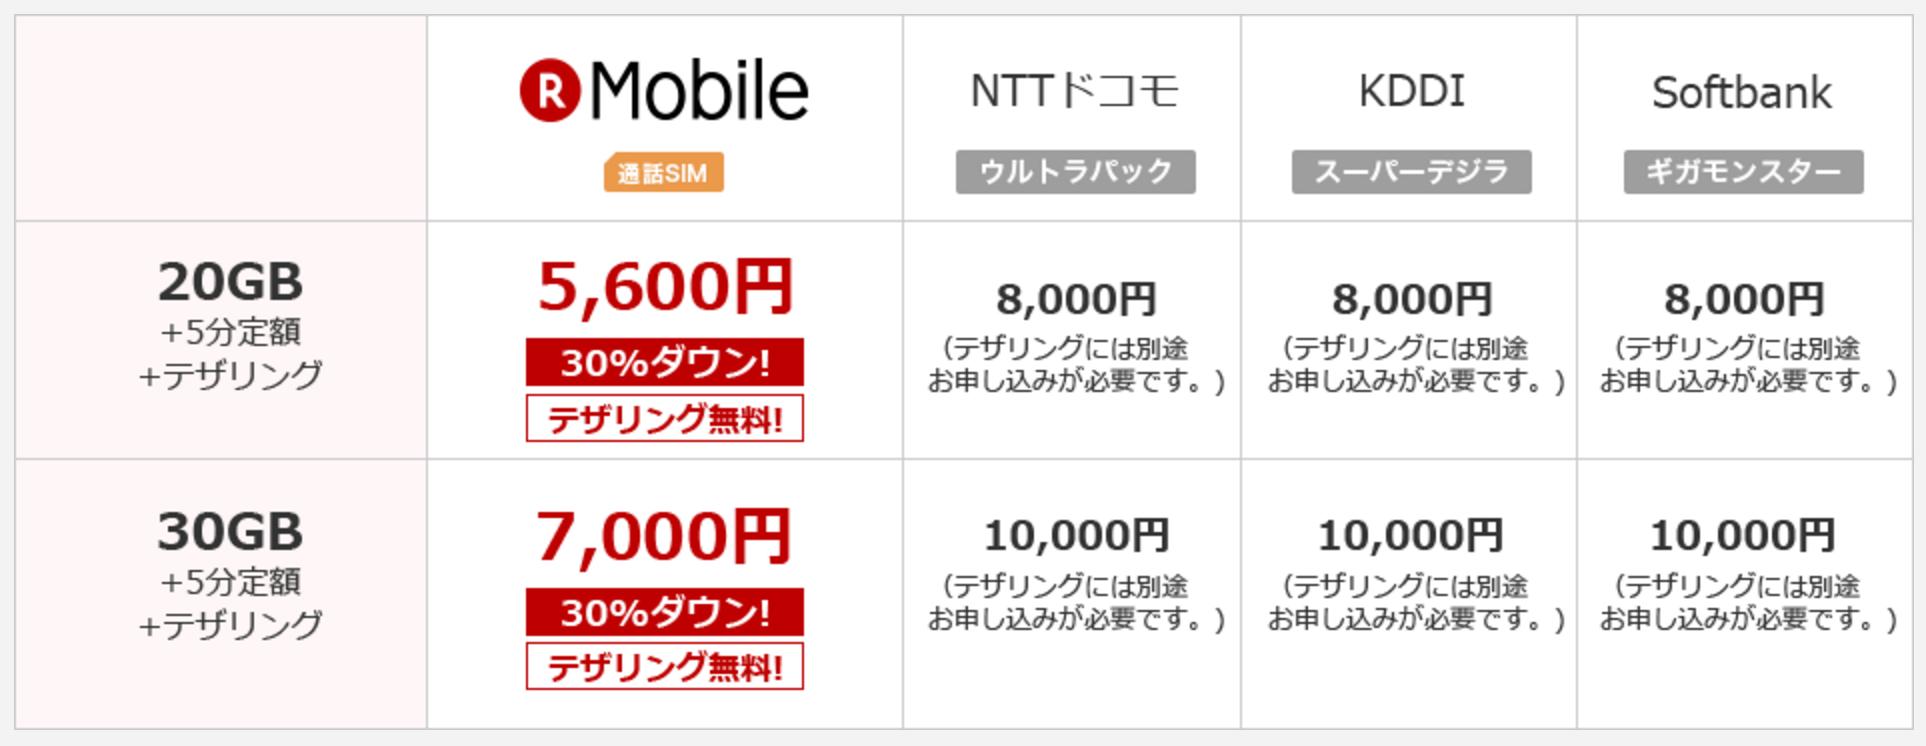 楽天モバイルの大容量プランが安い!20GB月額5,600円、30GBで7,000円でデザリングも無料